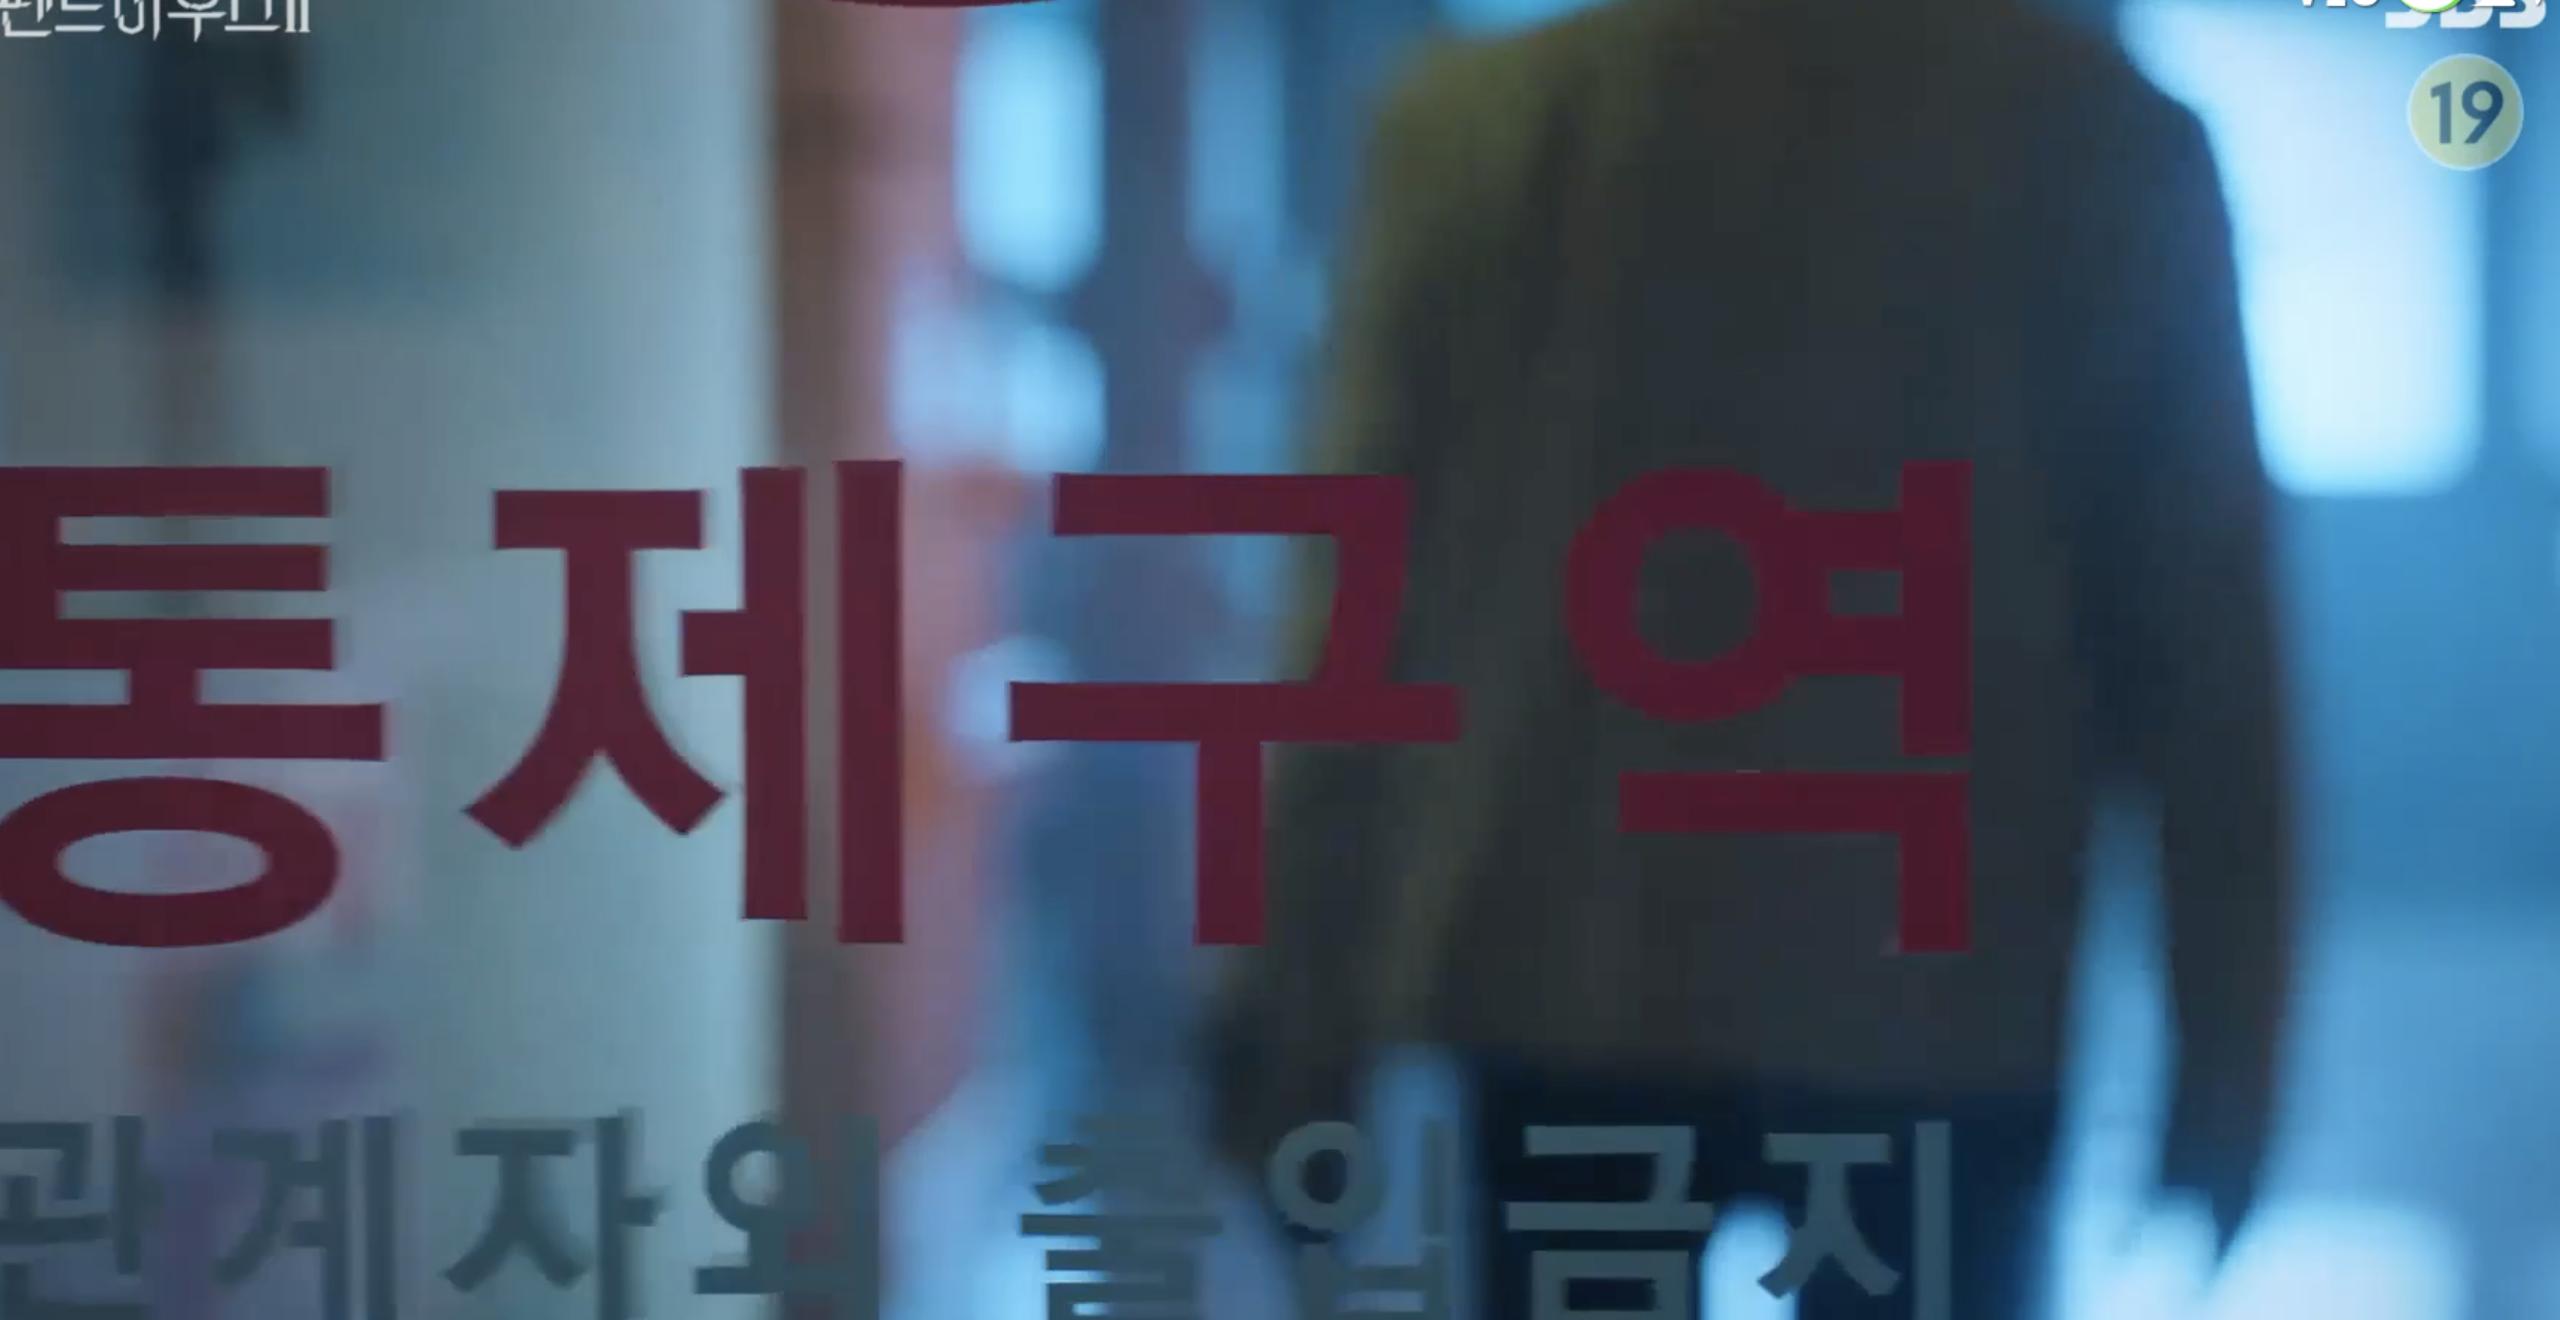 Lộ giả thuyết Ju Dan Tae mới là kẻ giết Ro Na ở Penthouse 2, đã vậy chính chủ còn tự tung hint mới ghê! - Ảnh 1.